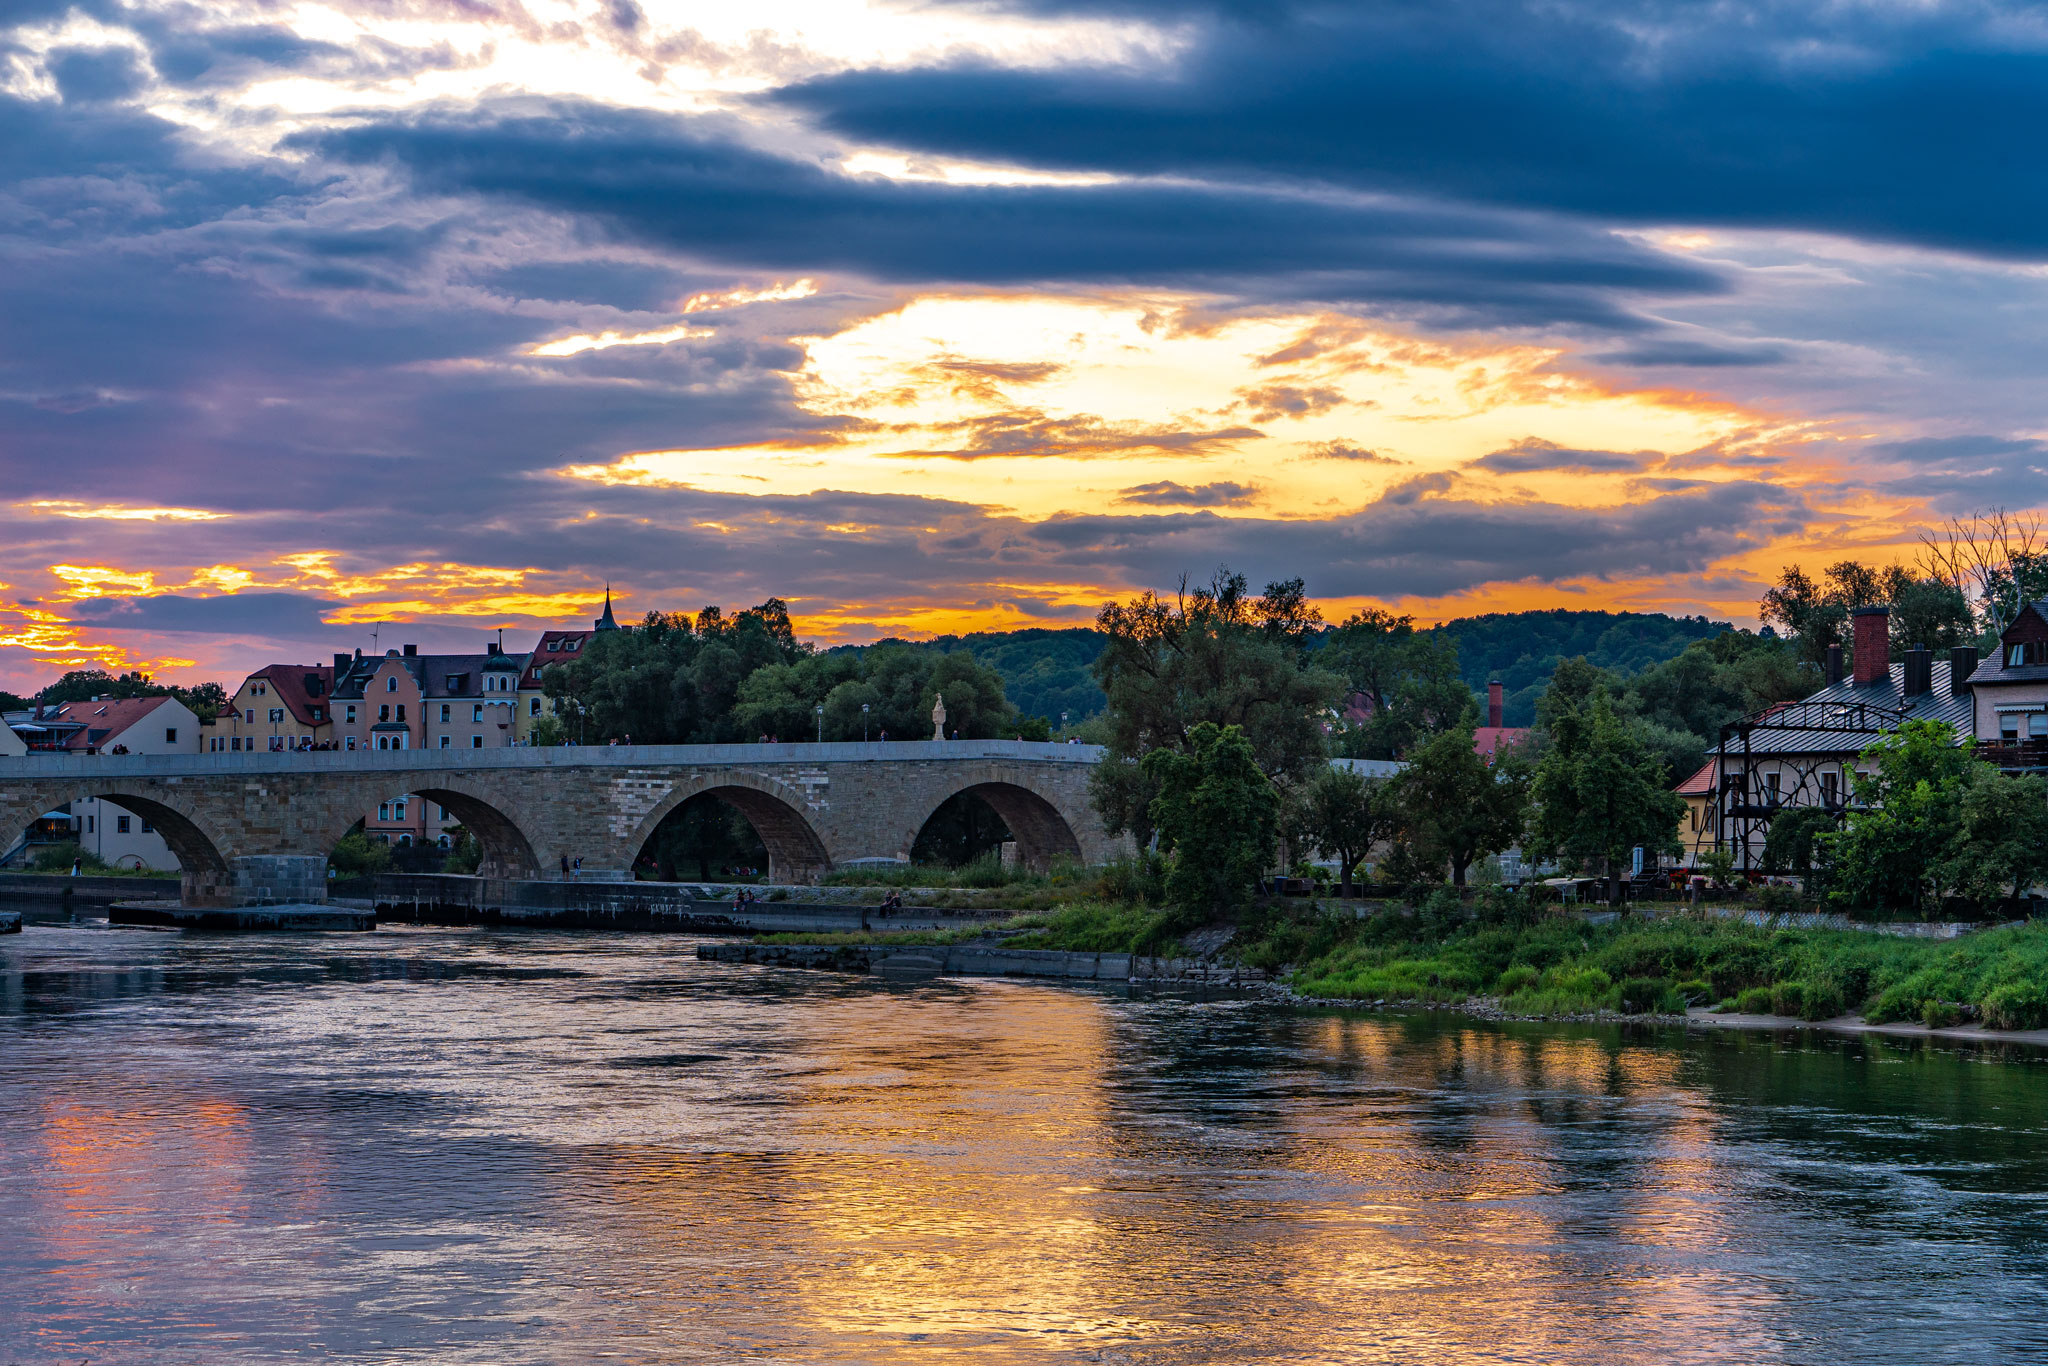 Sonnenuntergang über der Donau (Foto: Sandra Ilmberger)